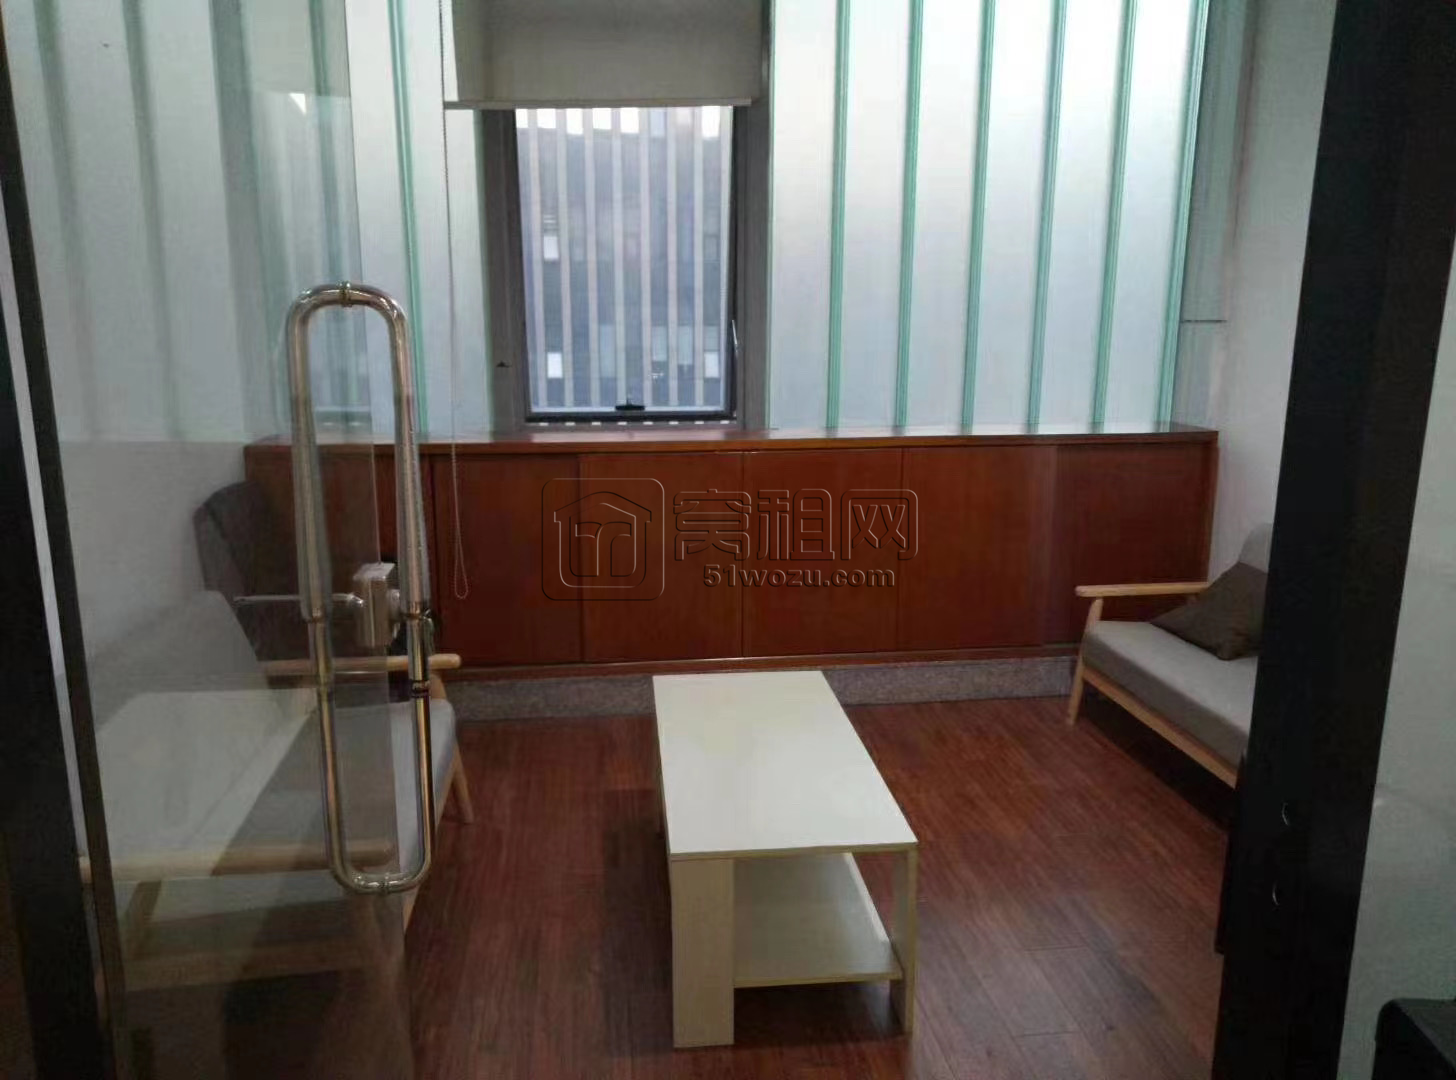 宁波南部商务区利时商务大厦178平写字楼出租